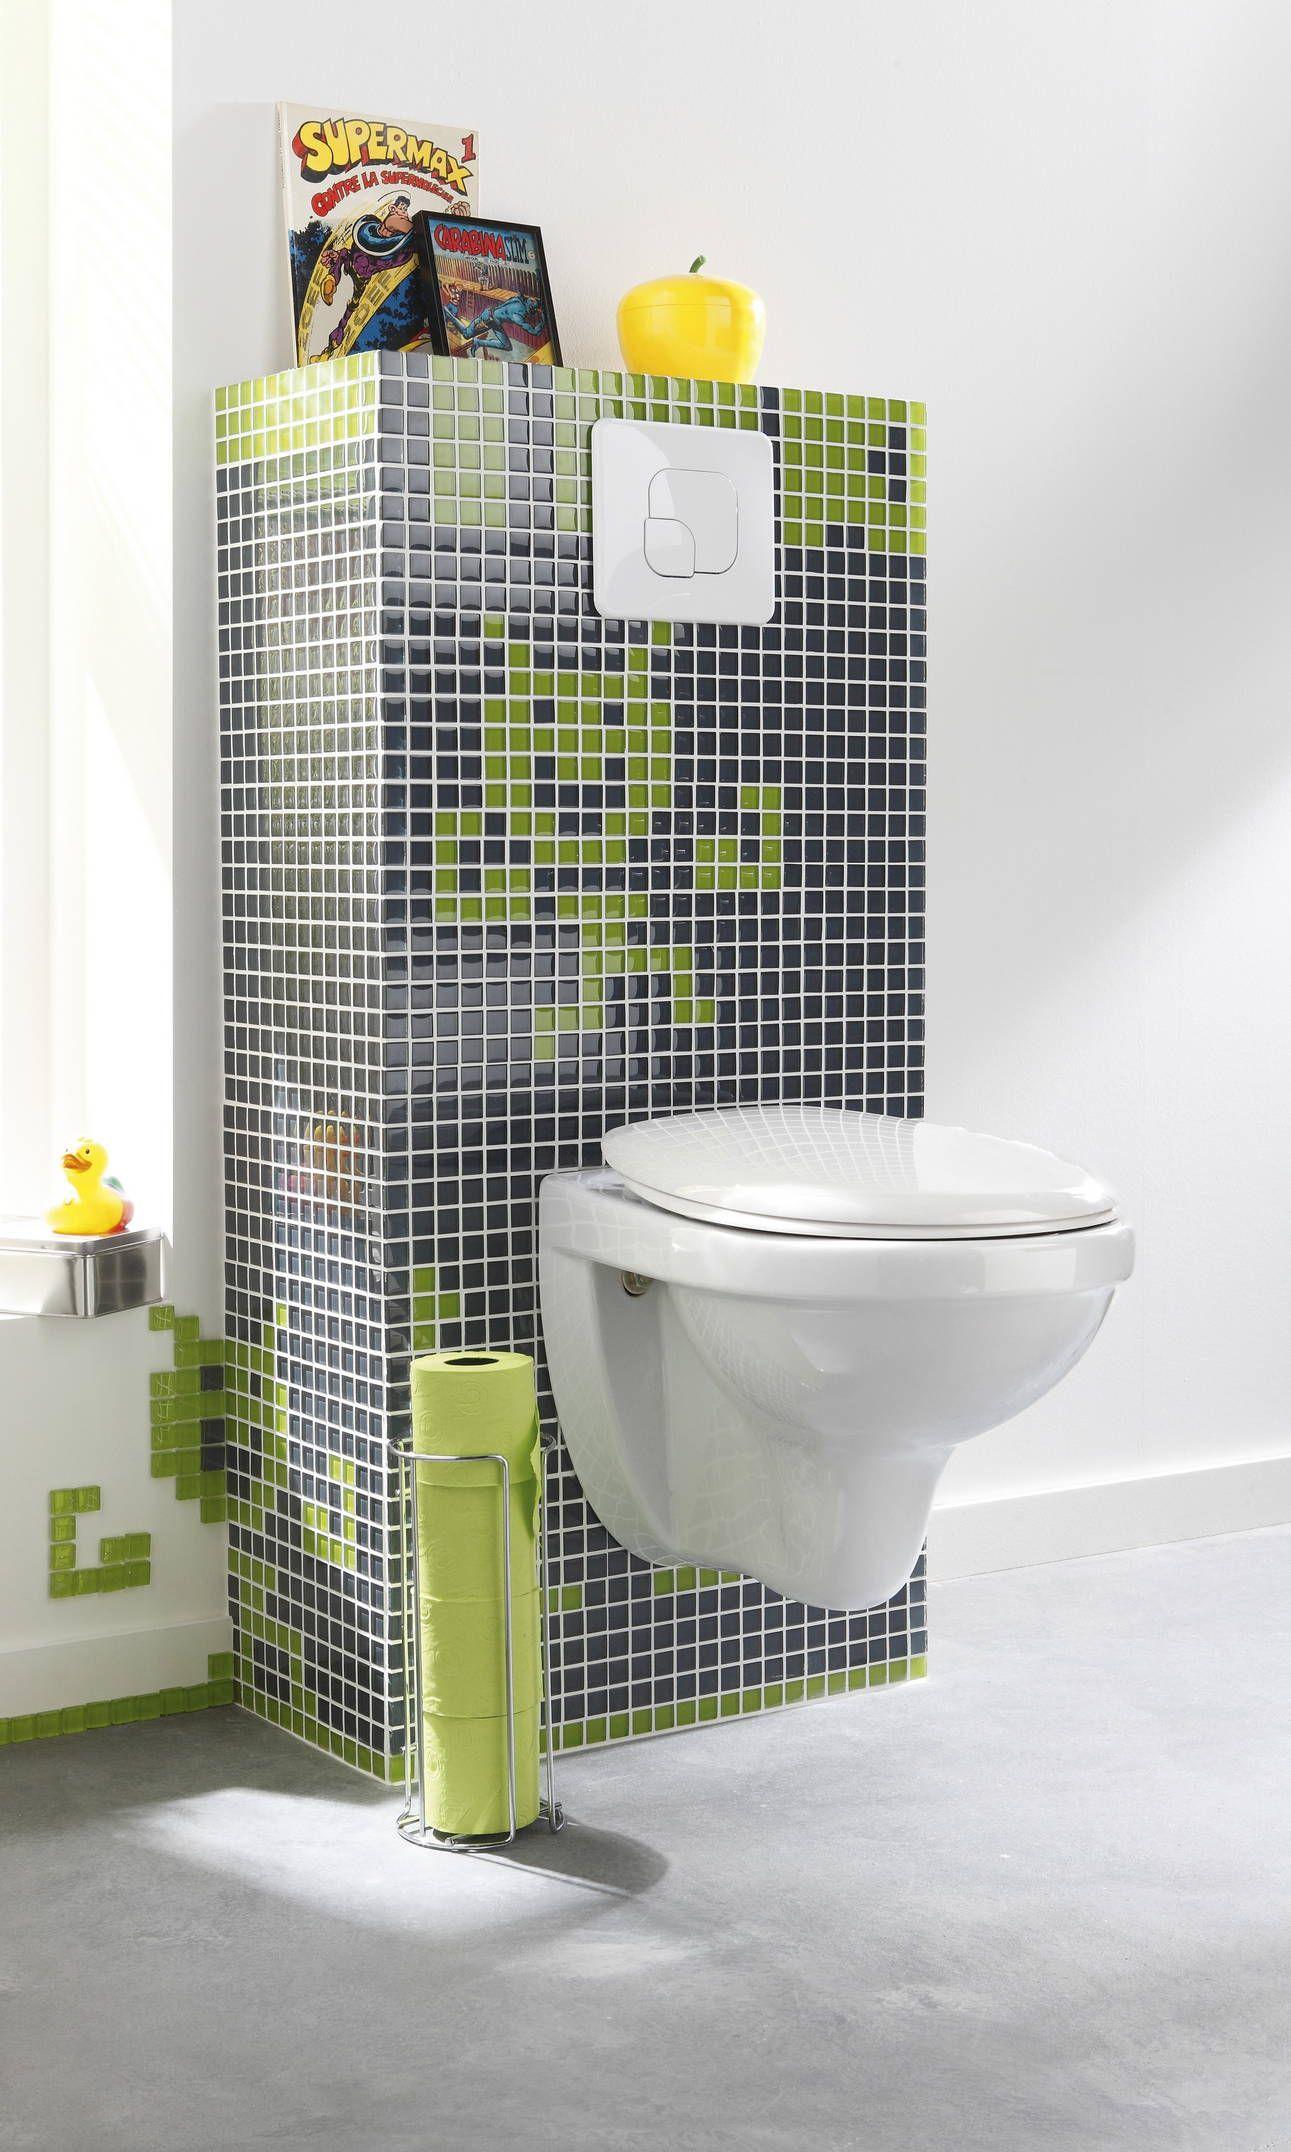 Coffrage Pour Wc Suspendu L 63 5 X H 117 5 X P 24 Cm Blanc Universel Wc Suspendu Decoration Toilettes Deco Toilettes